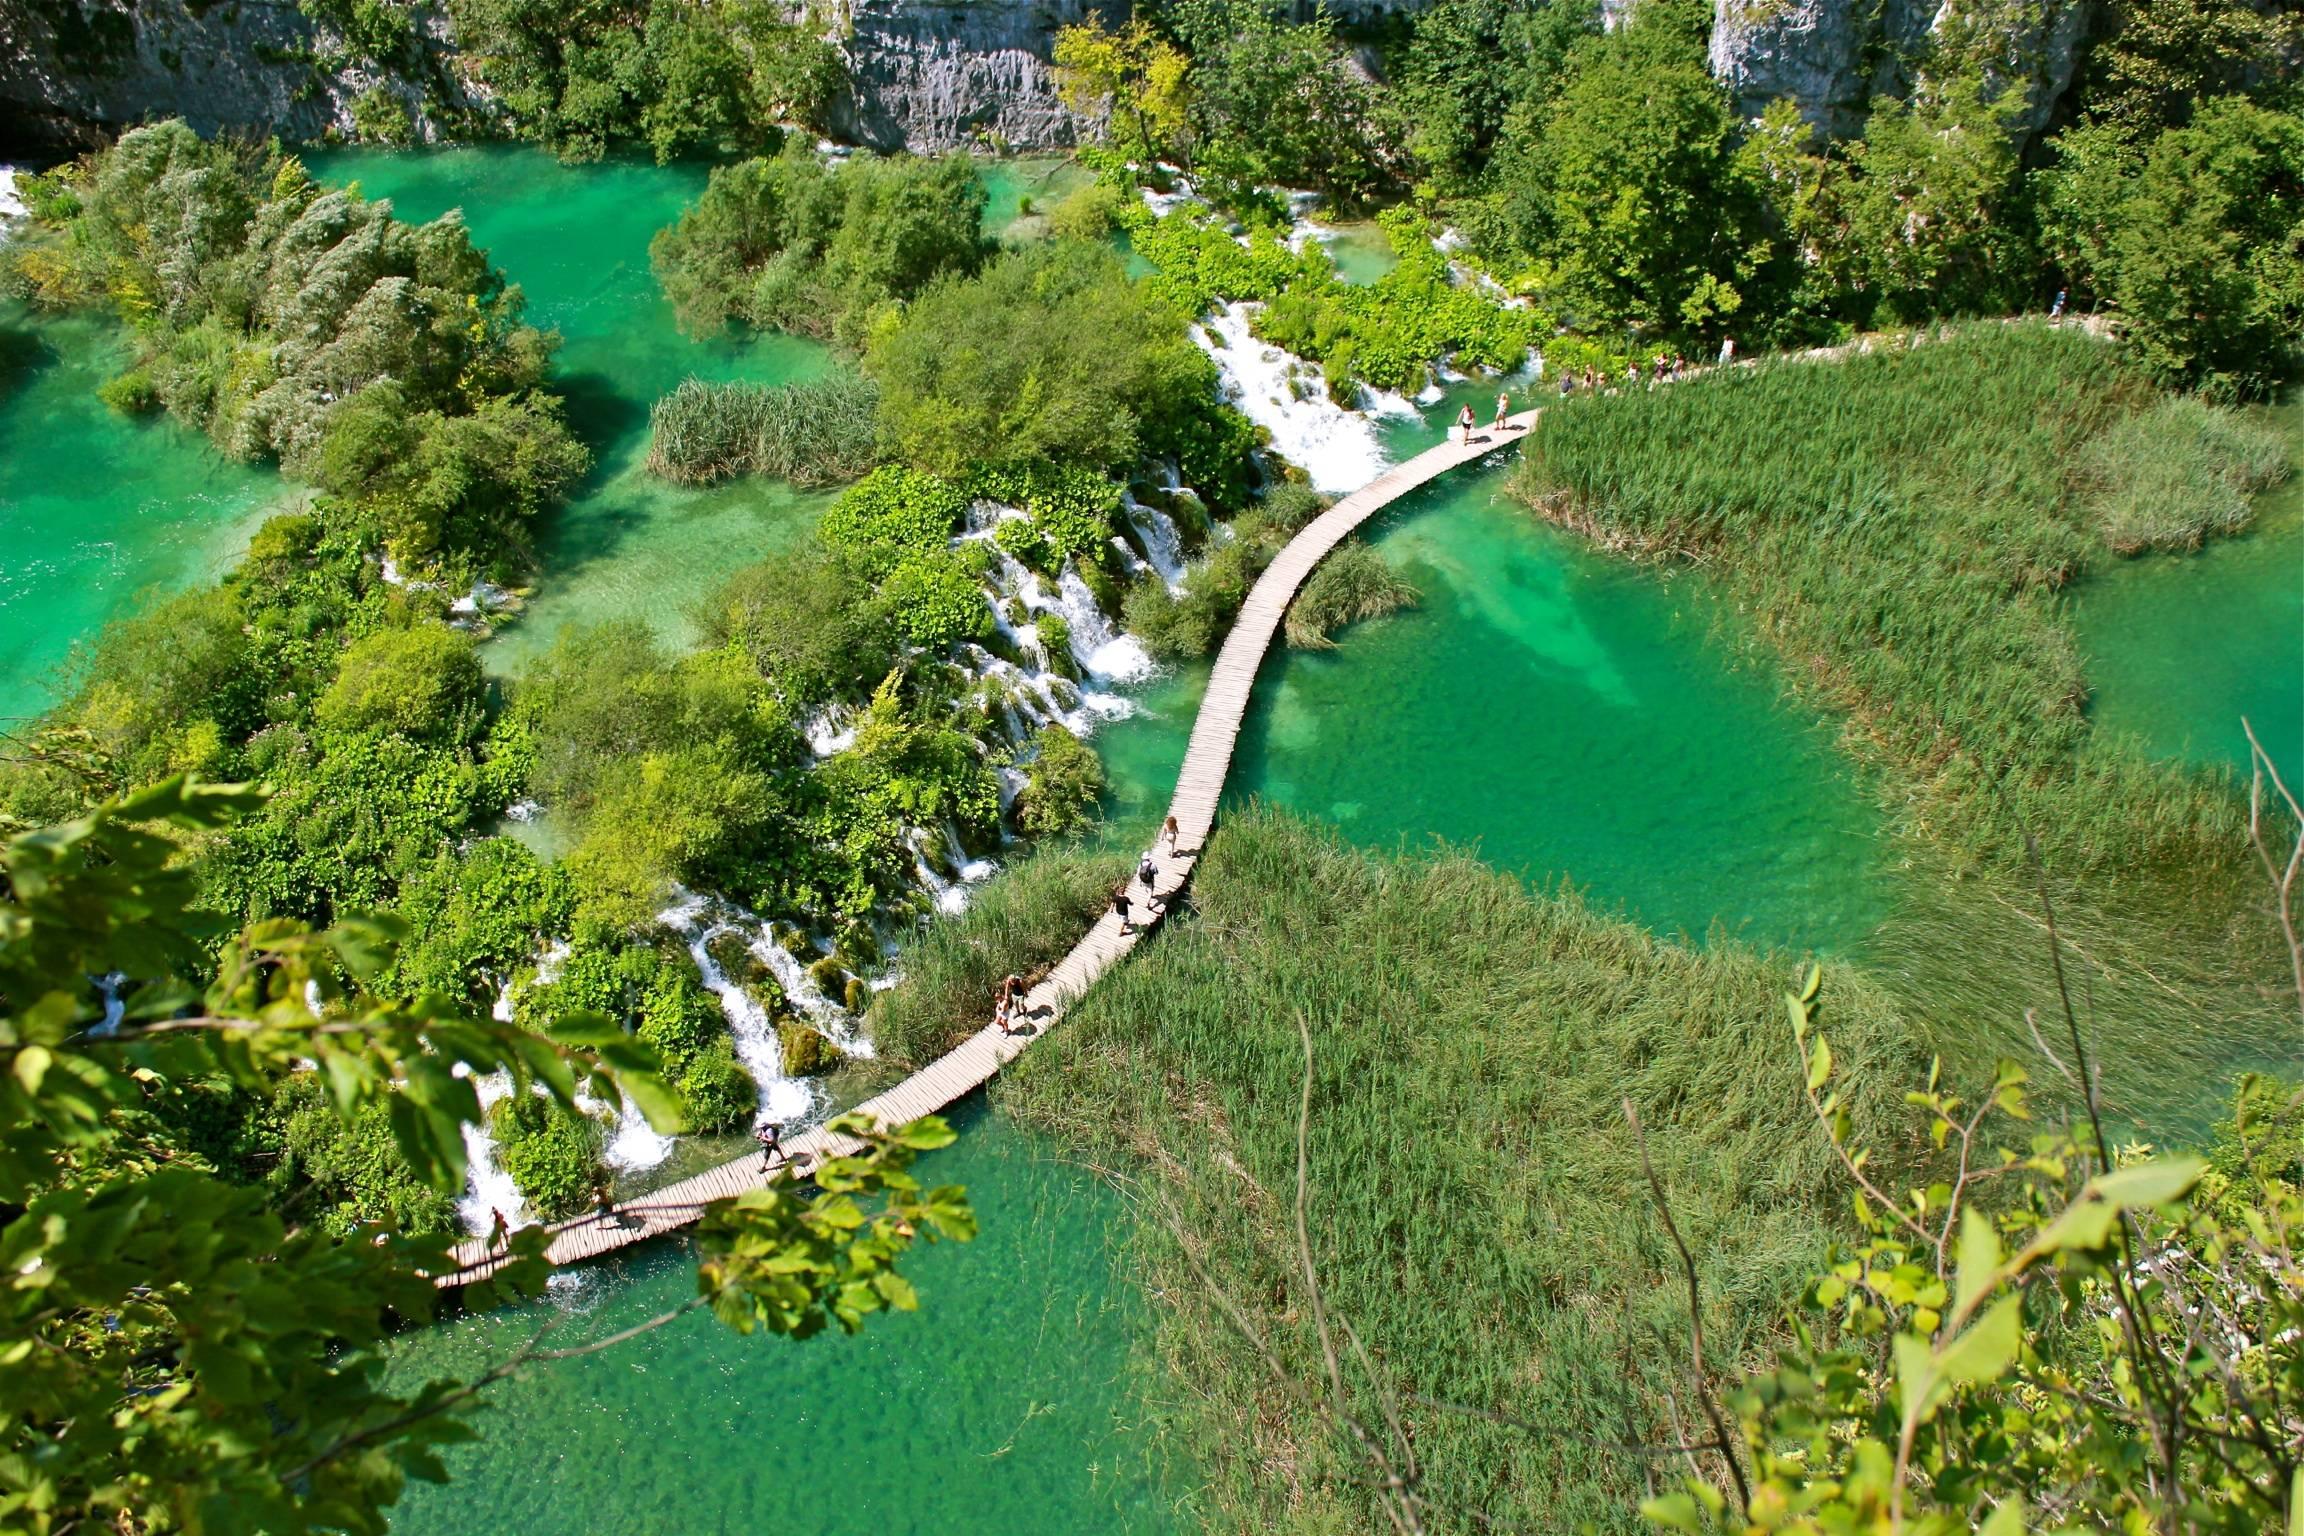 Photo 1: Lacs de Plitvice